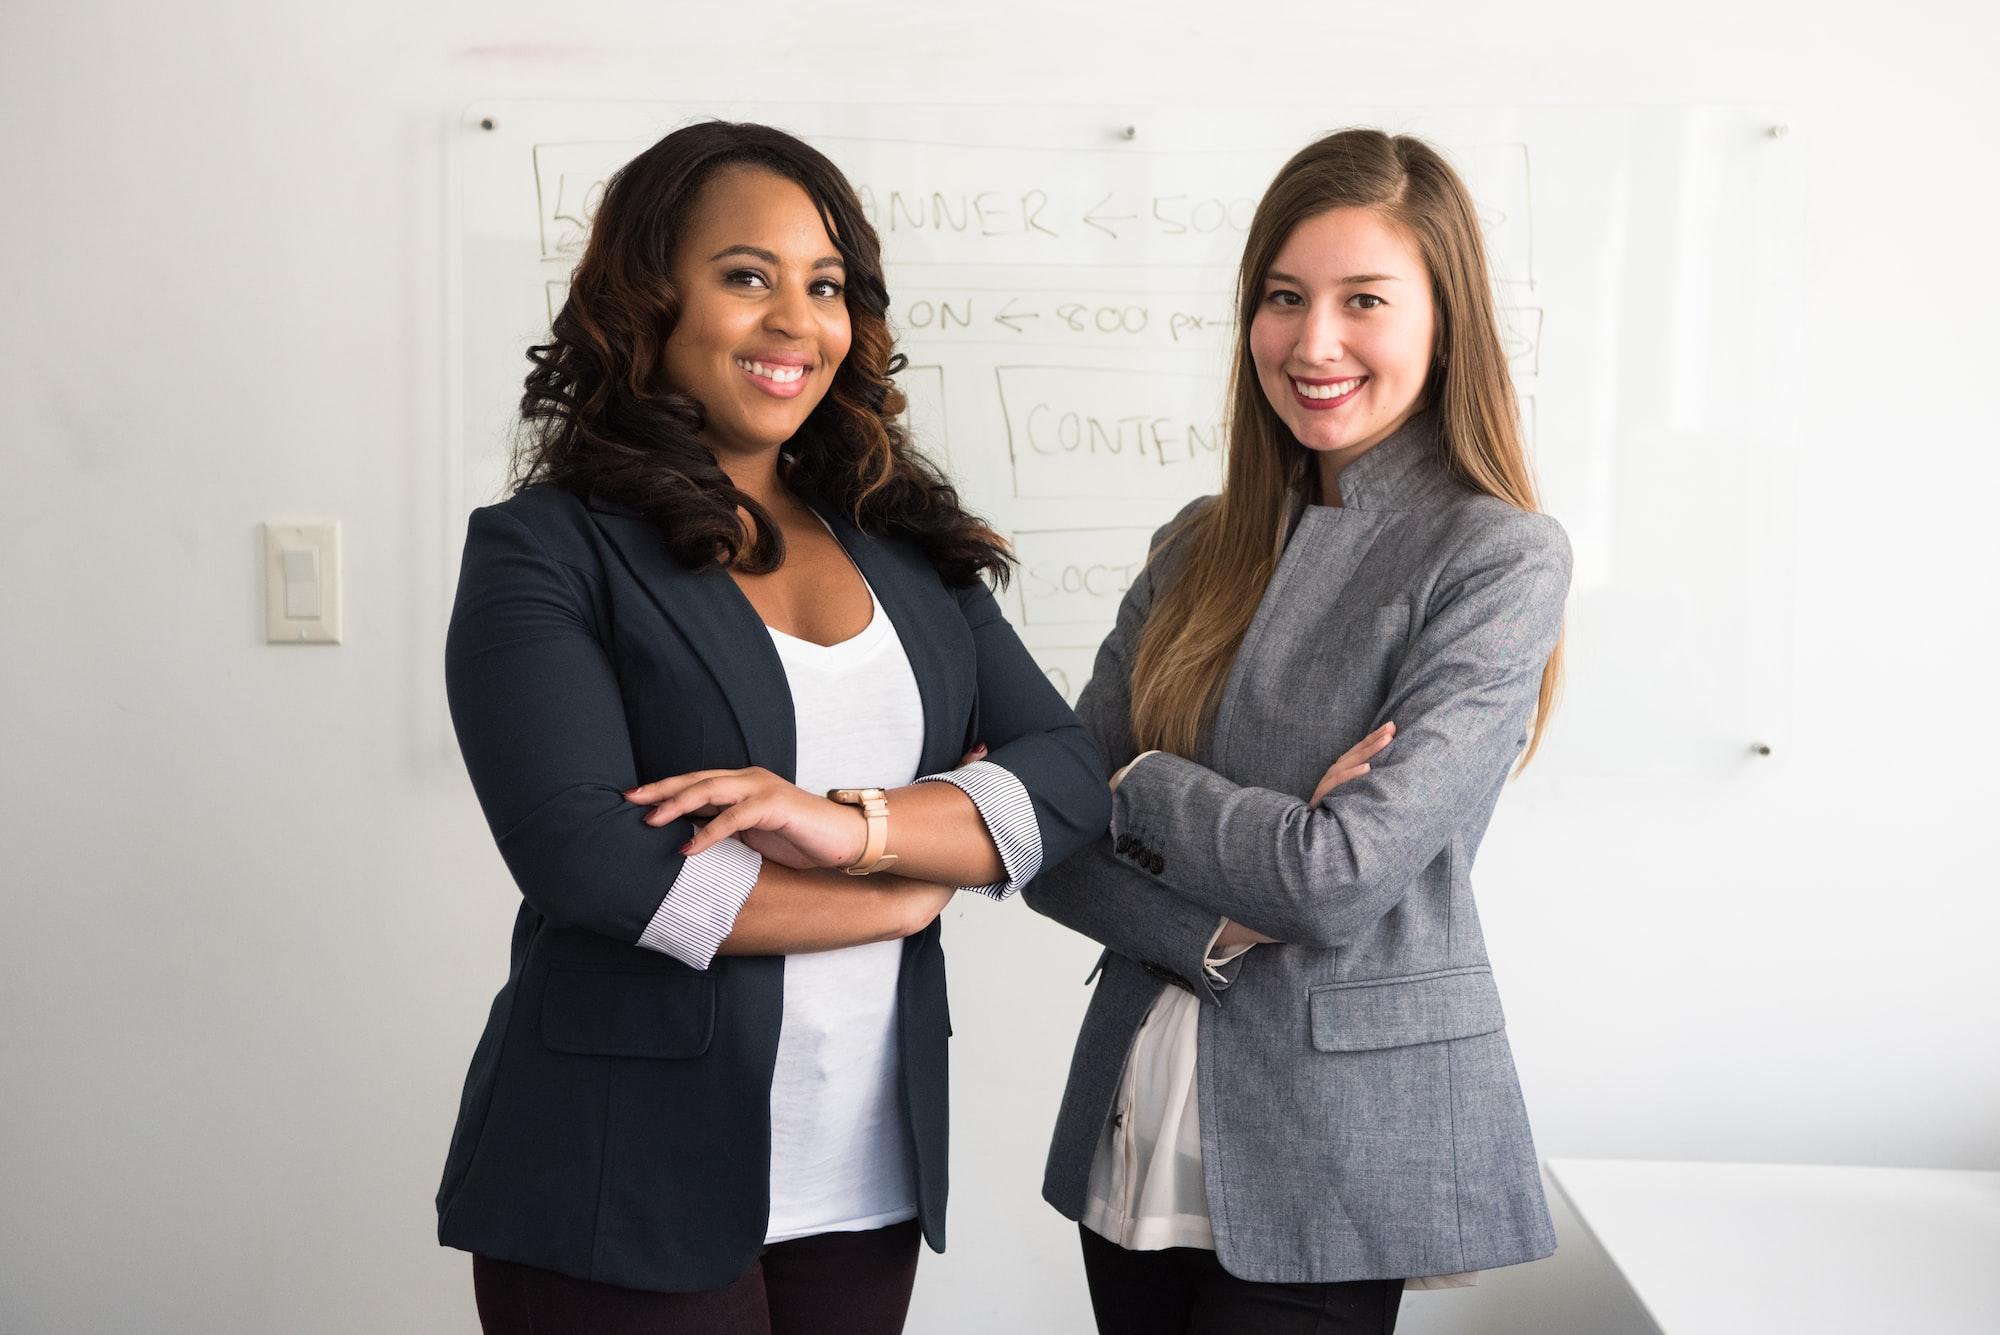 Egalité professionnelle 2020 : la data au service de la transparence des entreprises ?